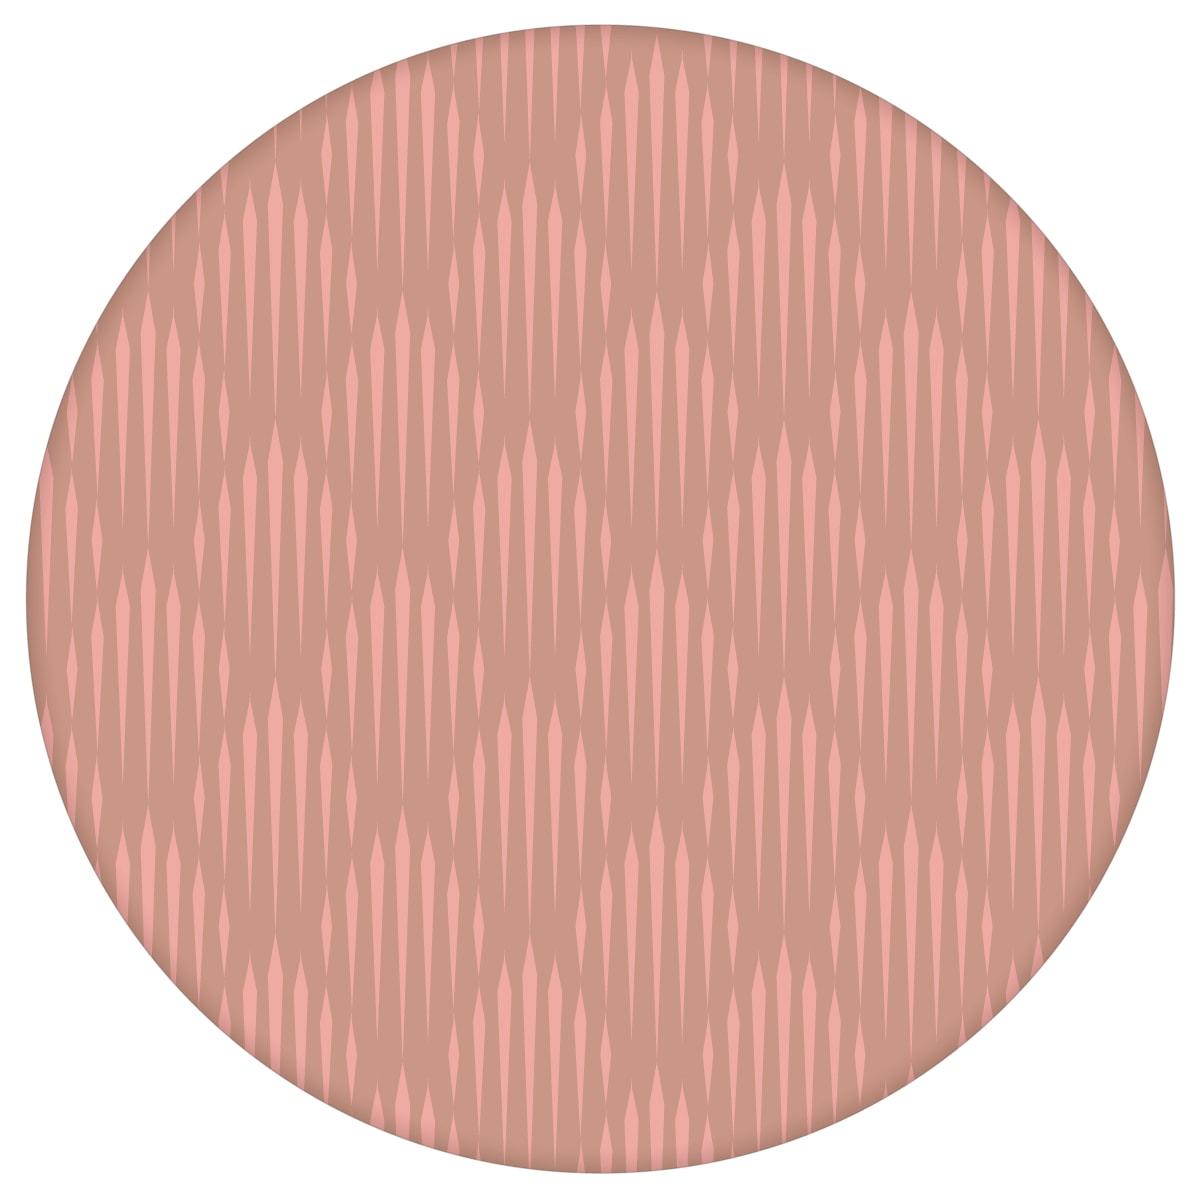 Art Deko Diamant Design Tapete mit grafischer Eleganz in altrosa - Ornamenttapete für Schlafzimmer 2